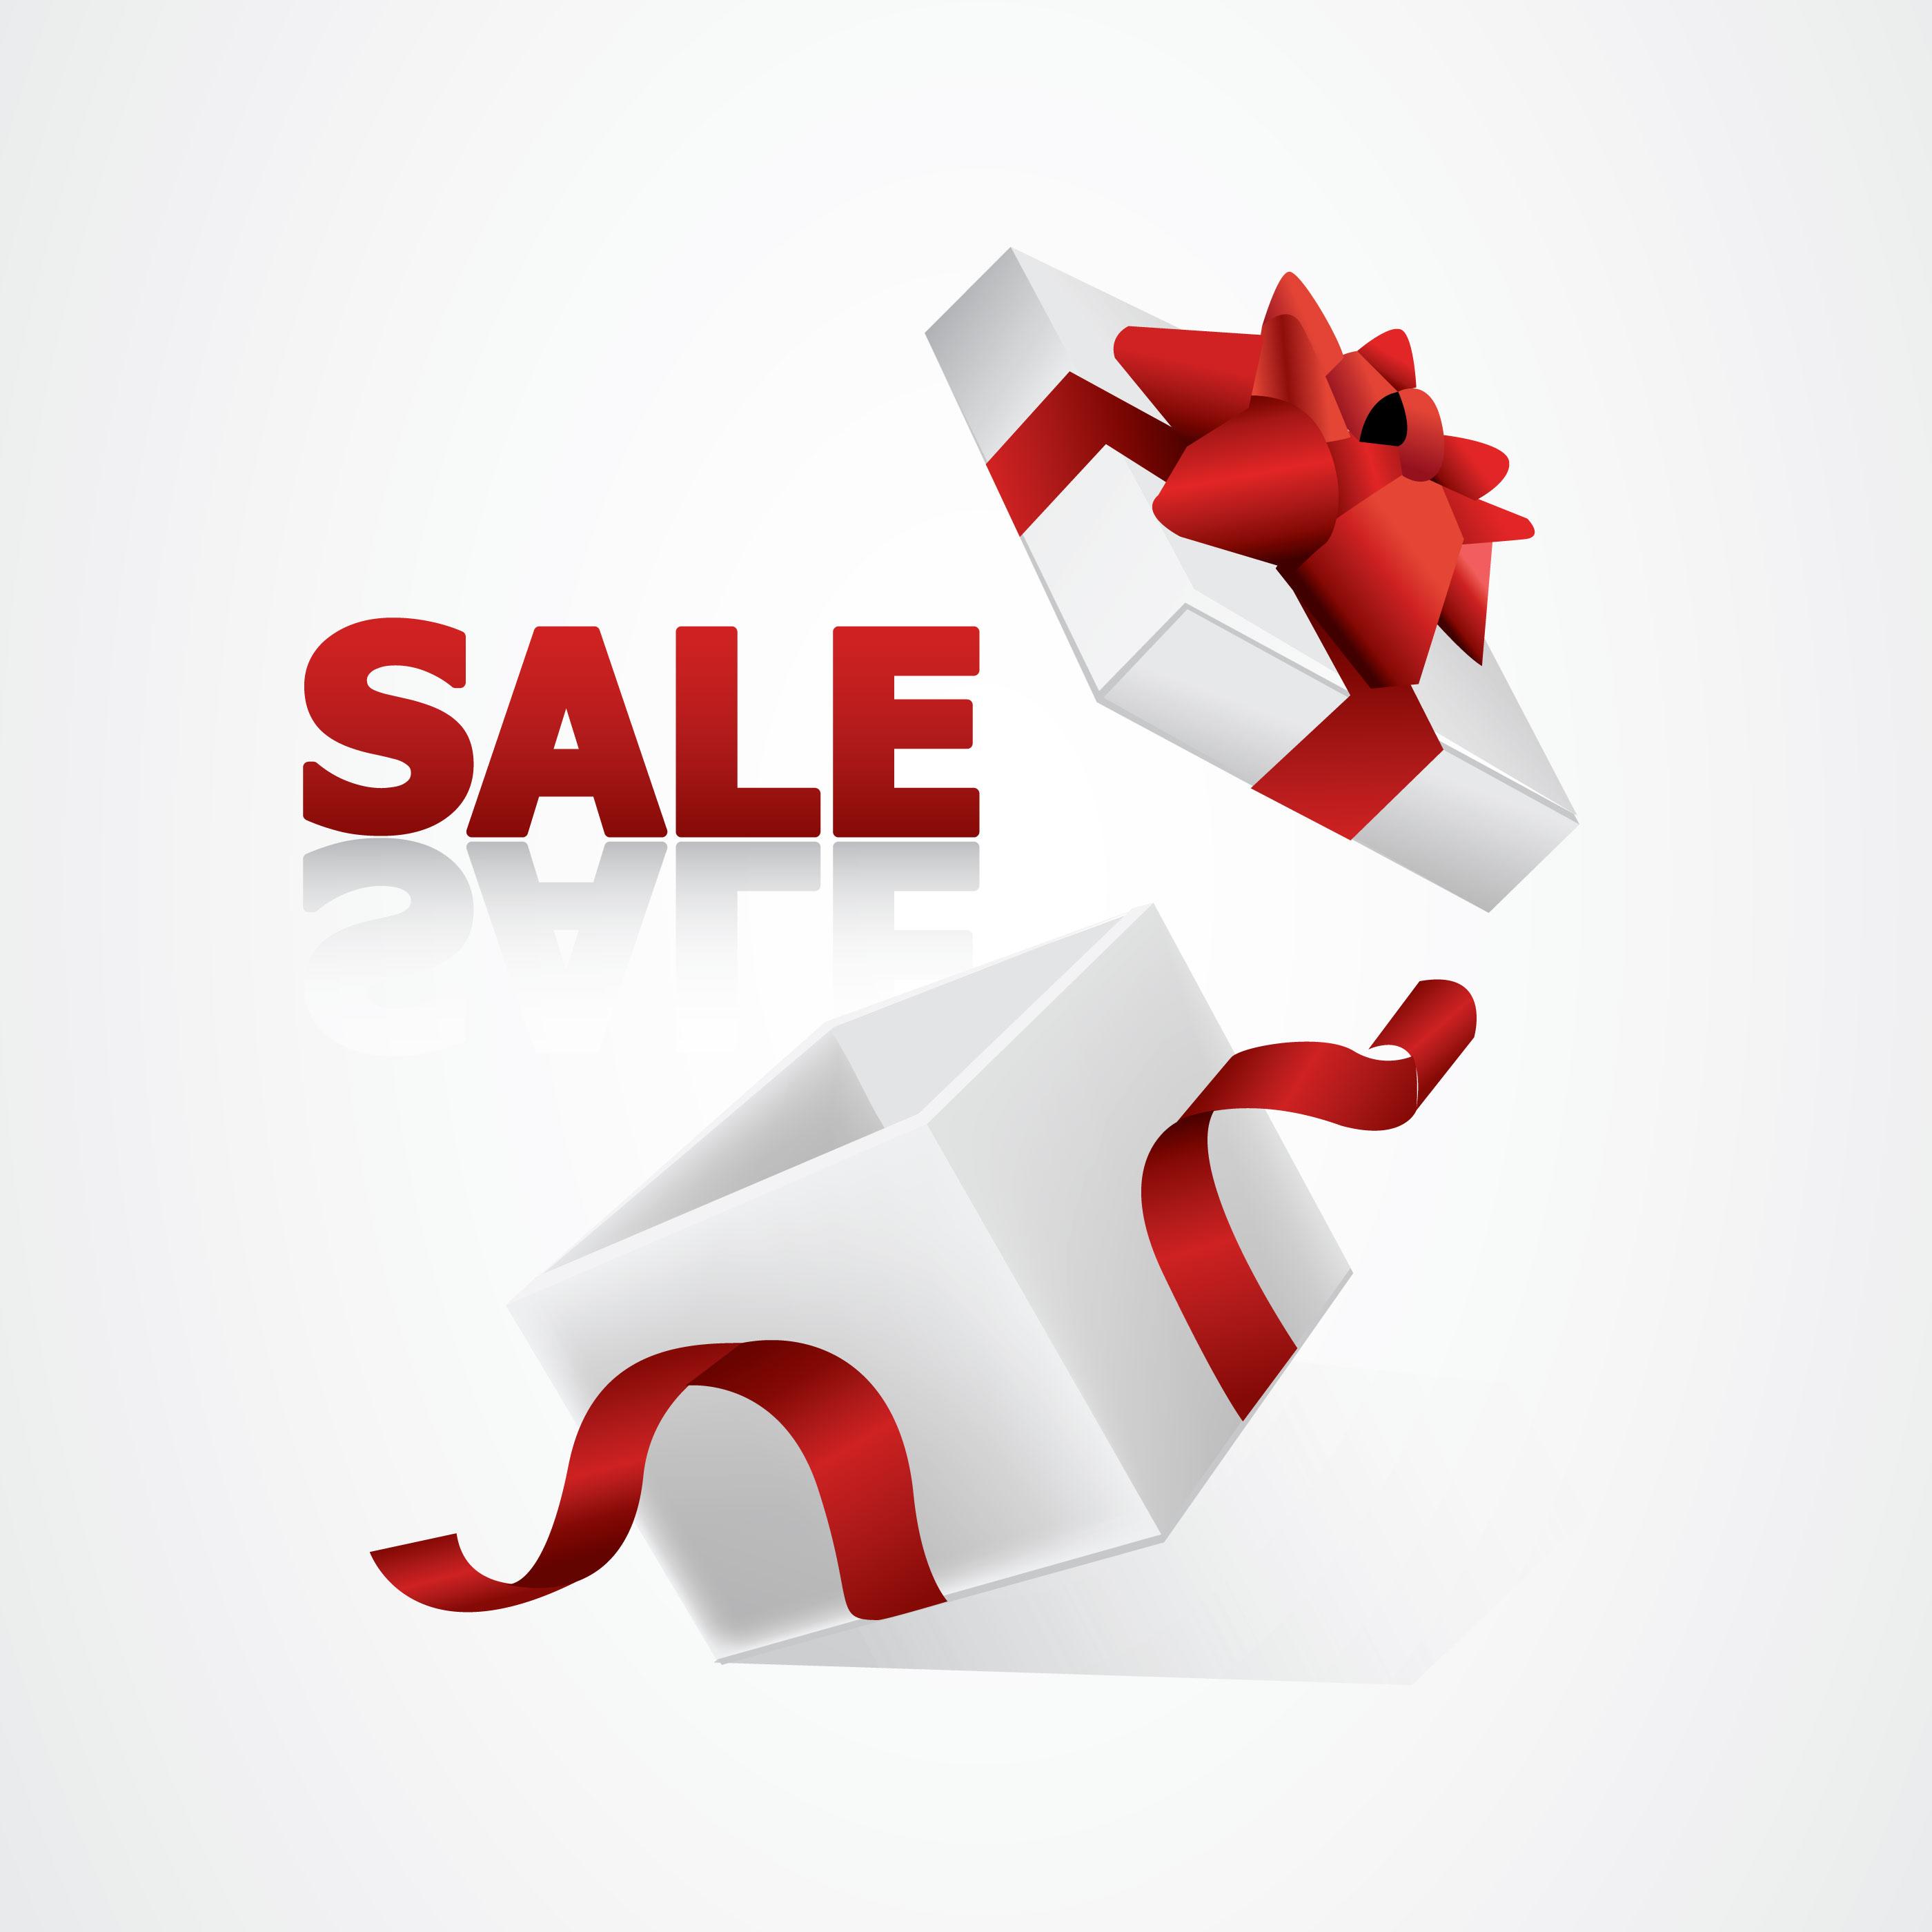 Gratis caja de regalo abierta arte vector 233999 for In regalo gratis